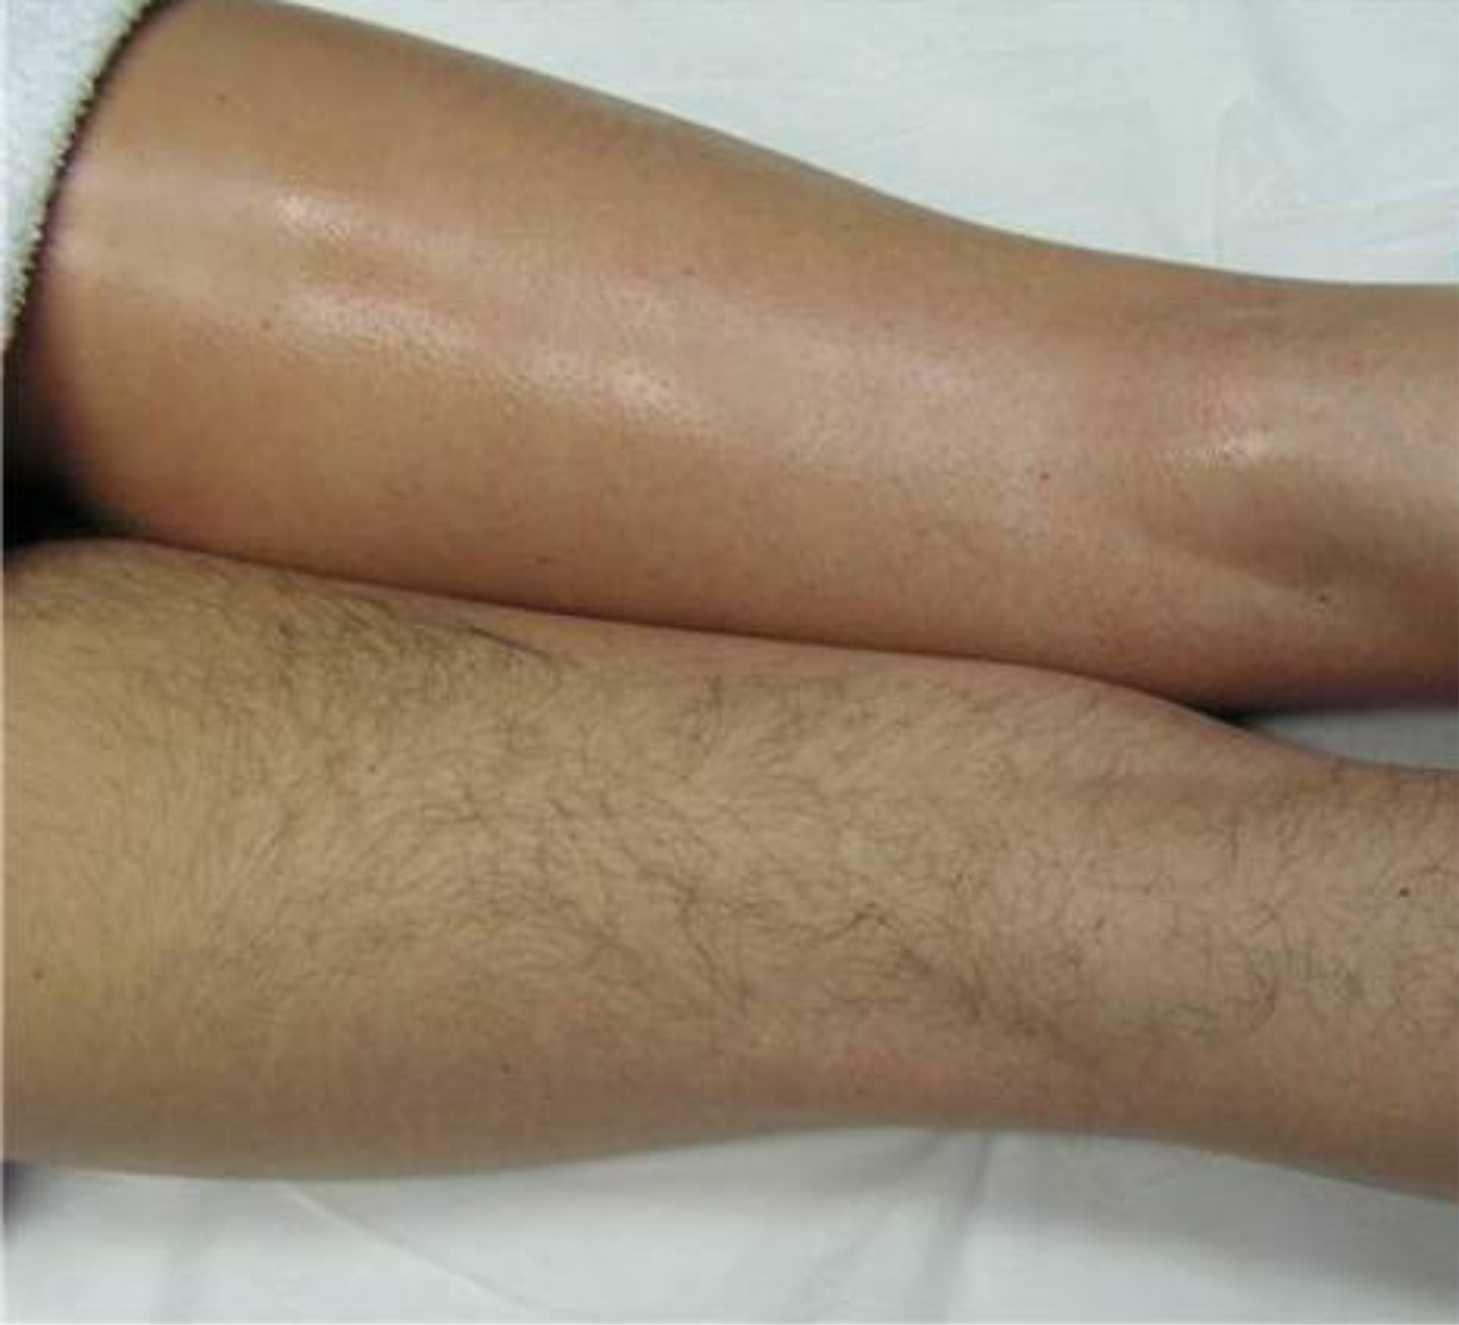 Эпиляция воском: длина волосков перед началом процедуры